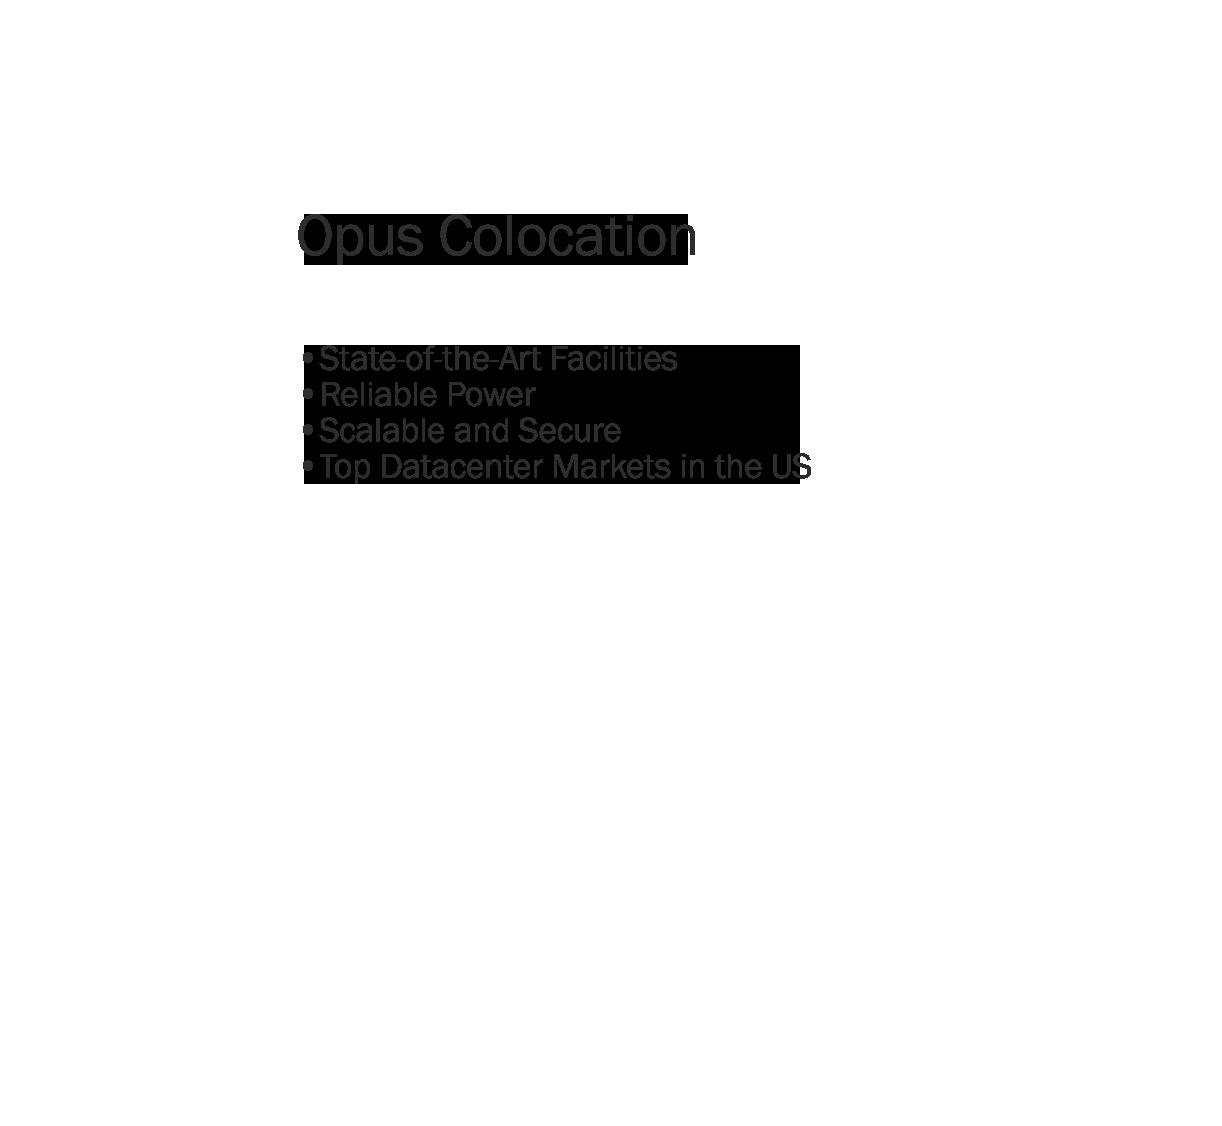 Opus Colocation